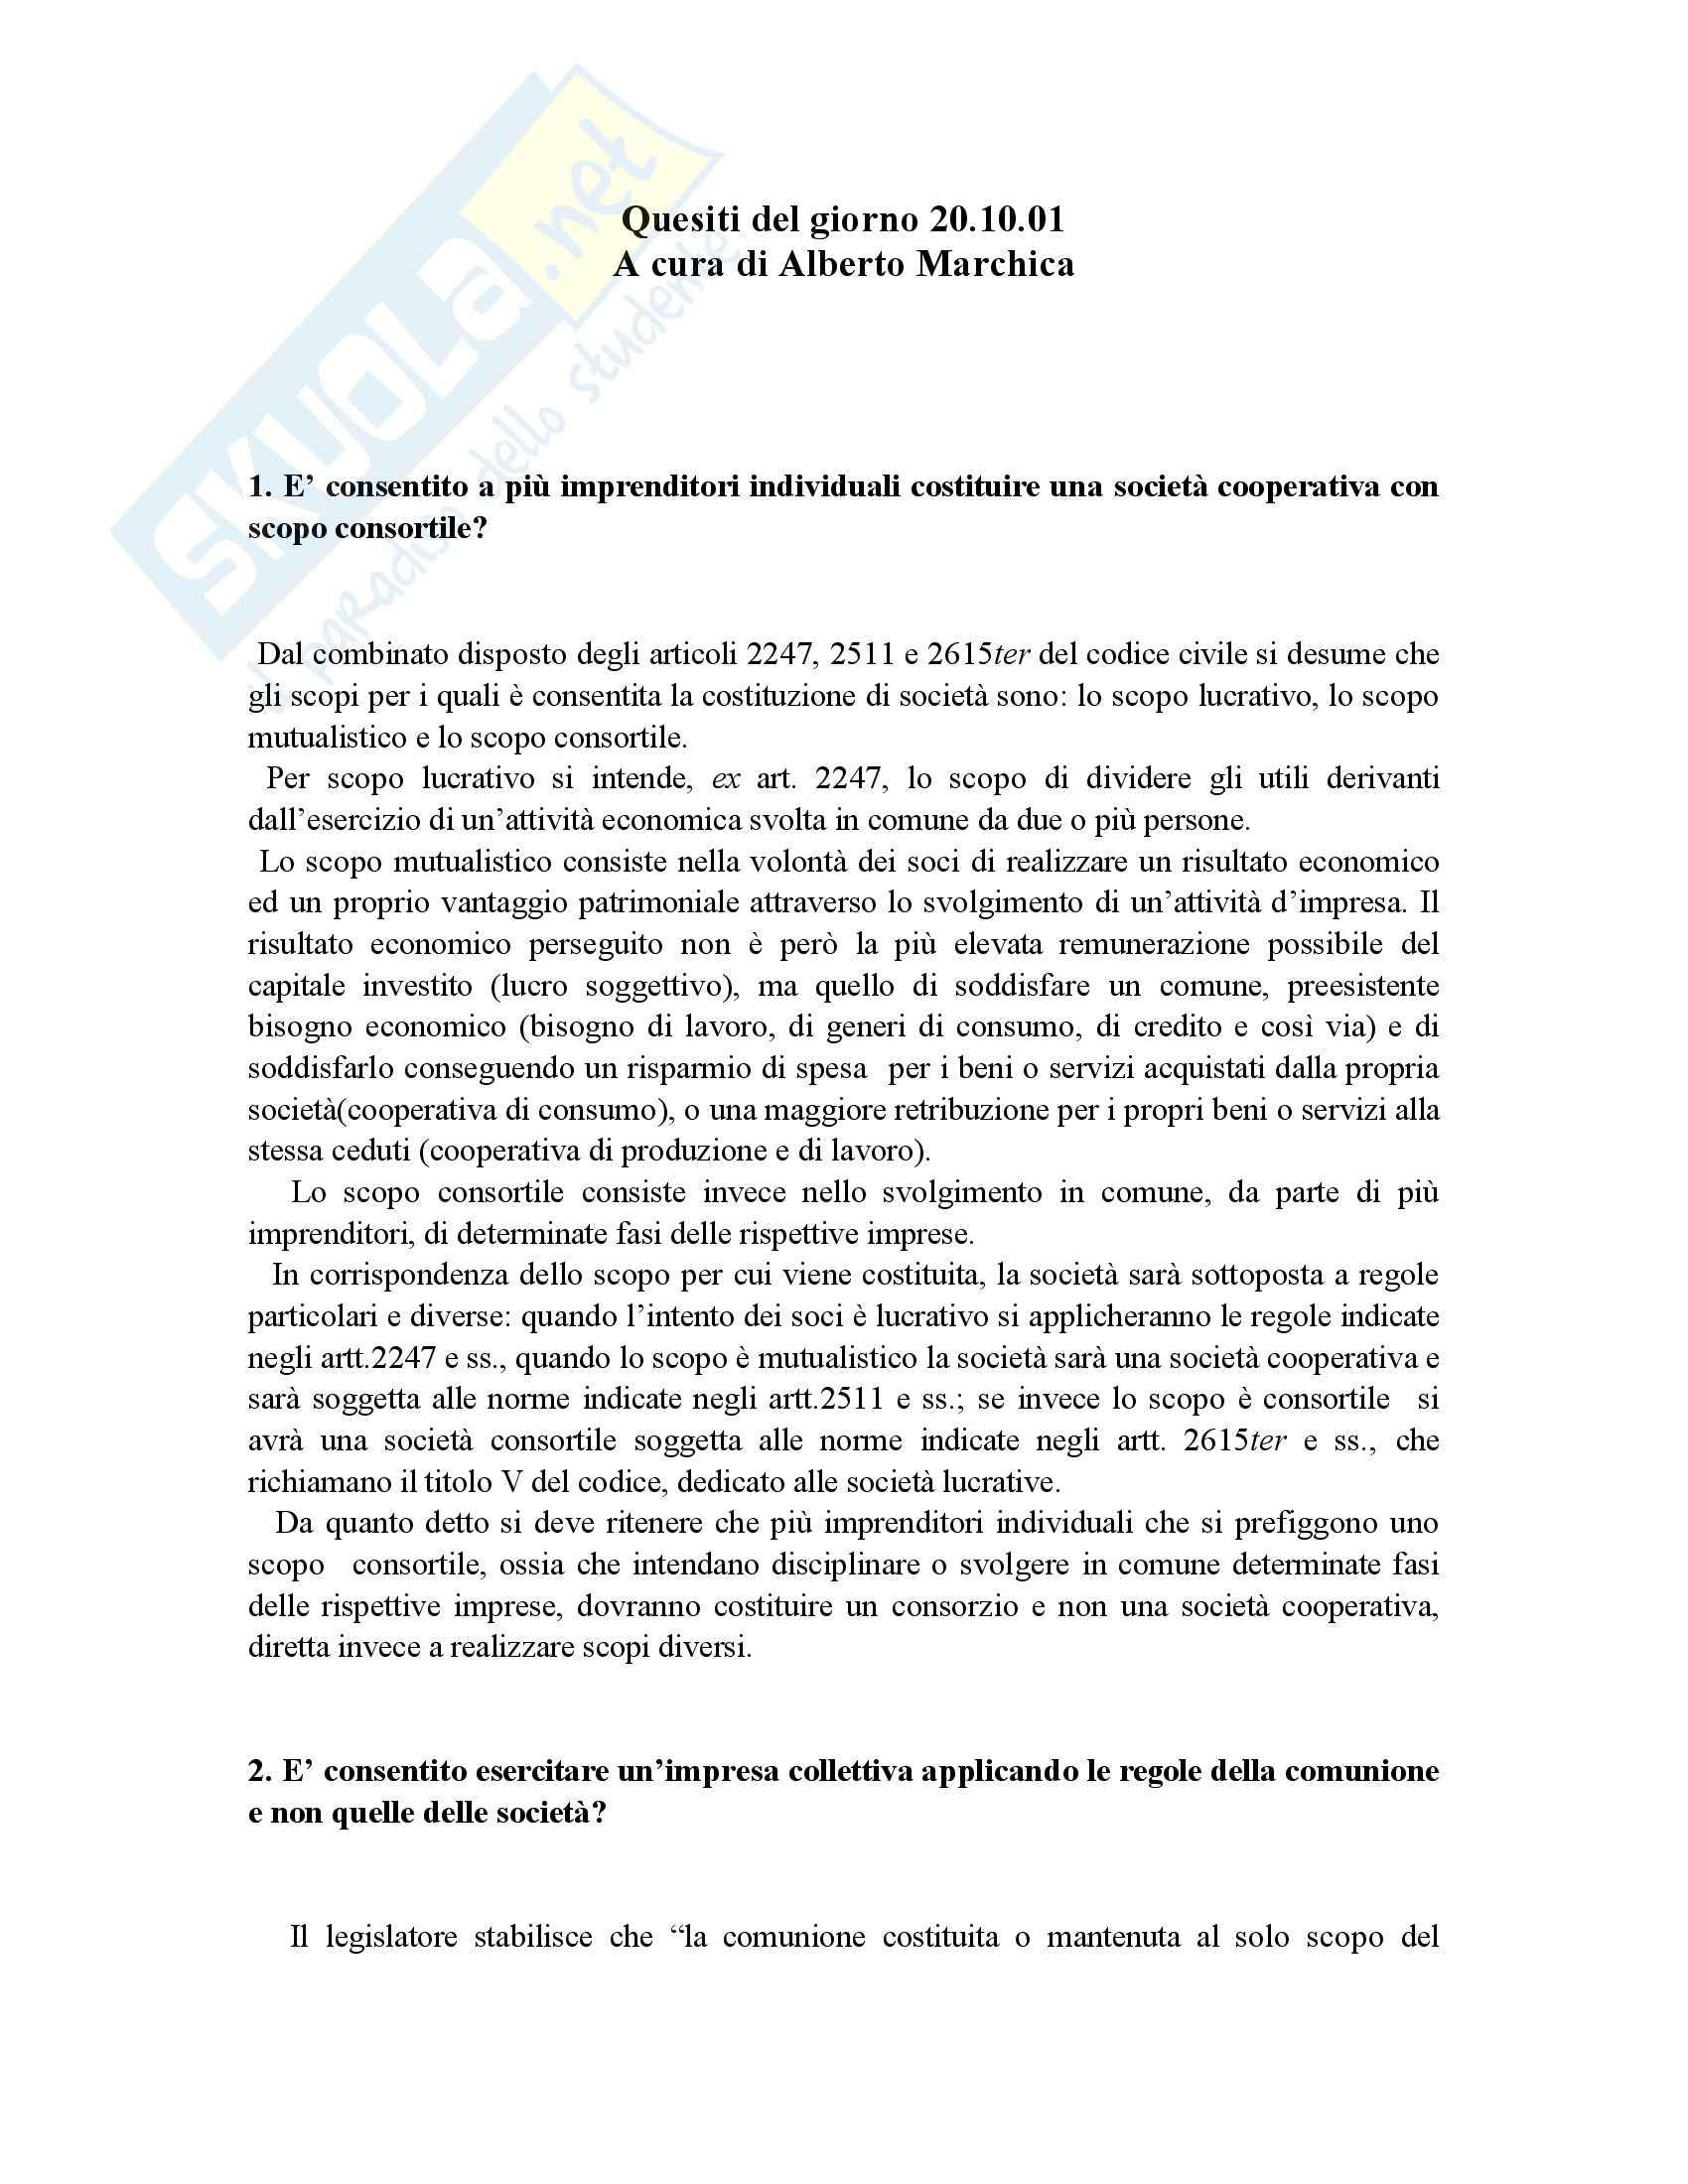 Diritto Commerciale  - Domande e risposte d'esame